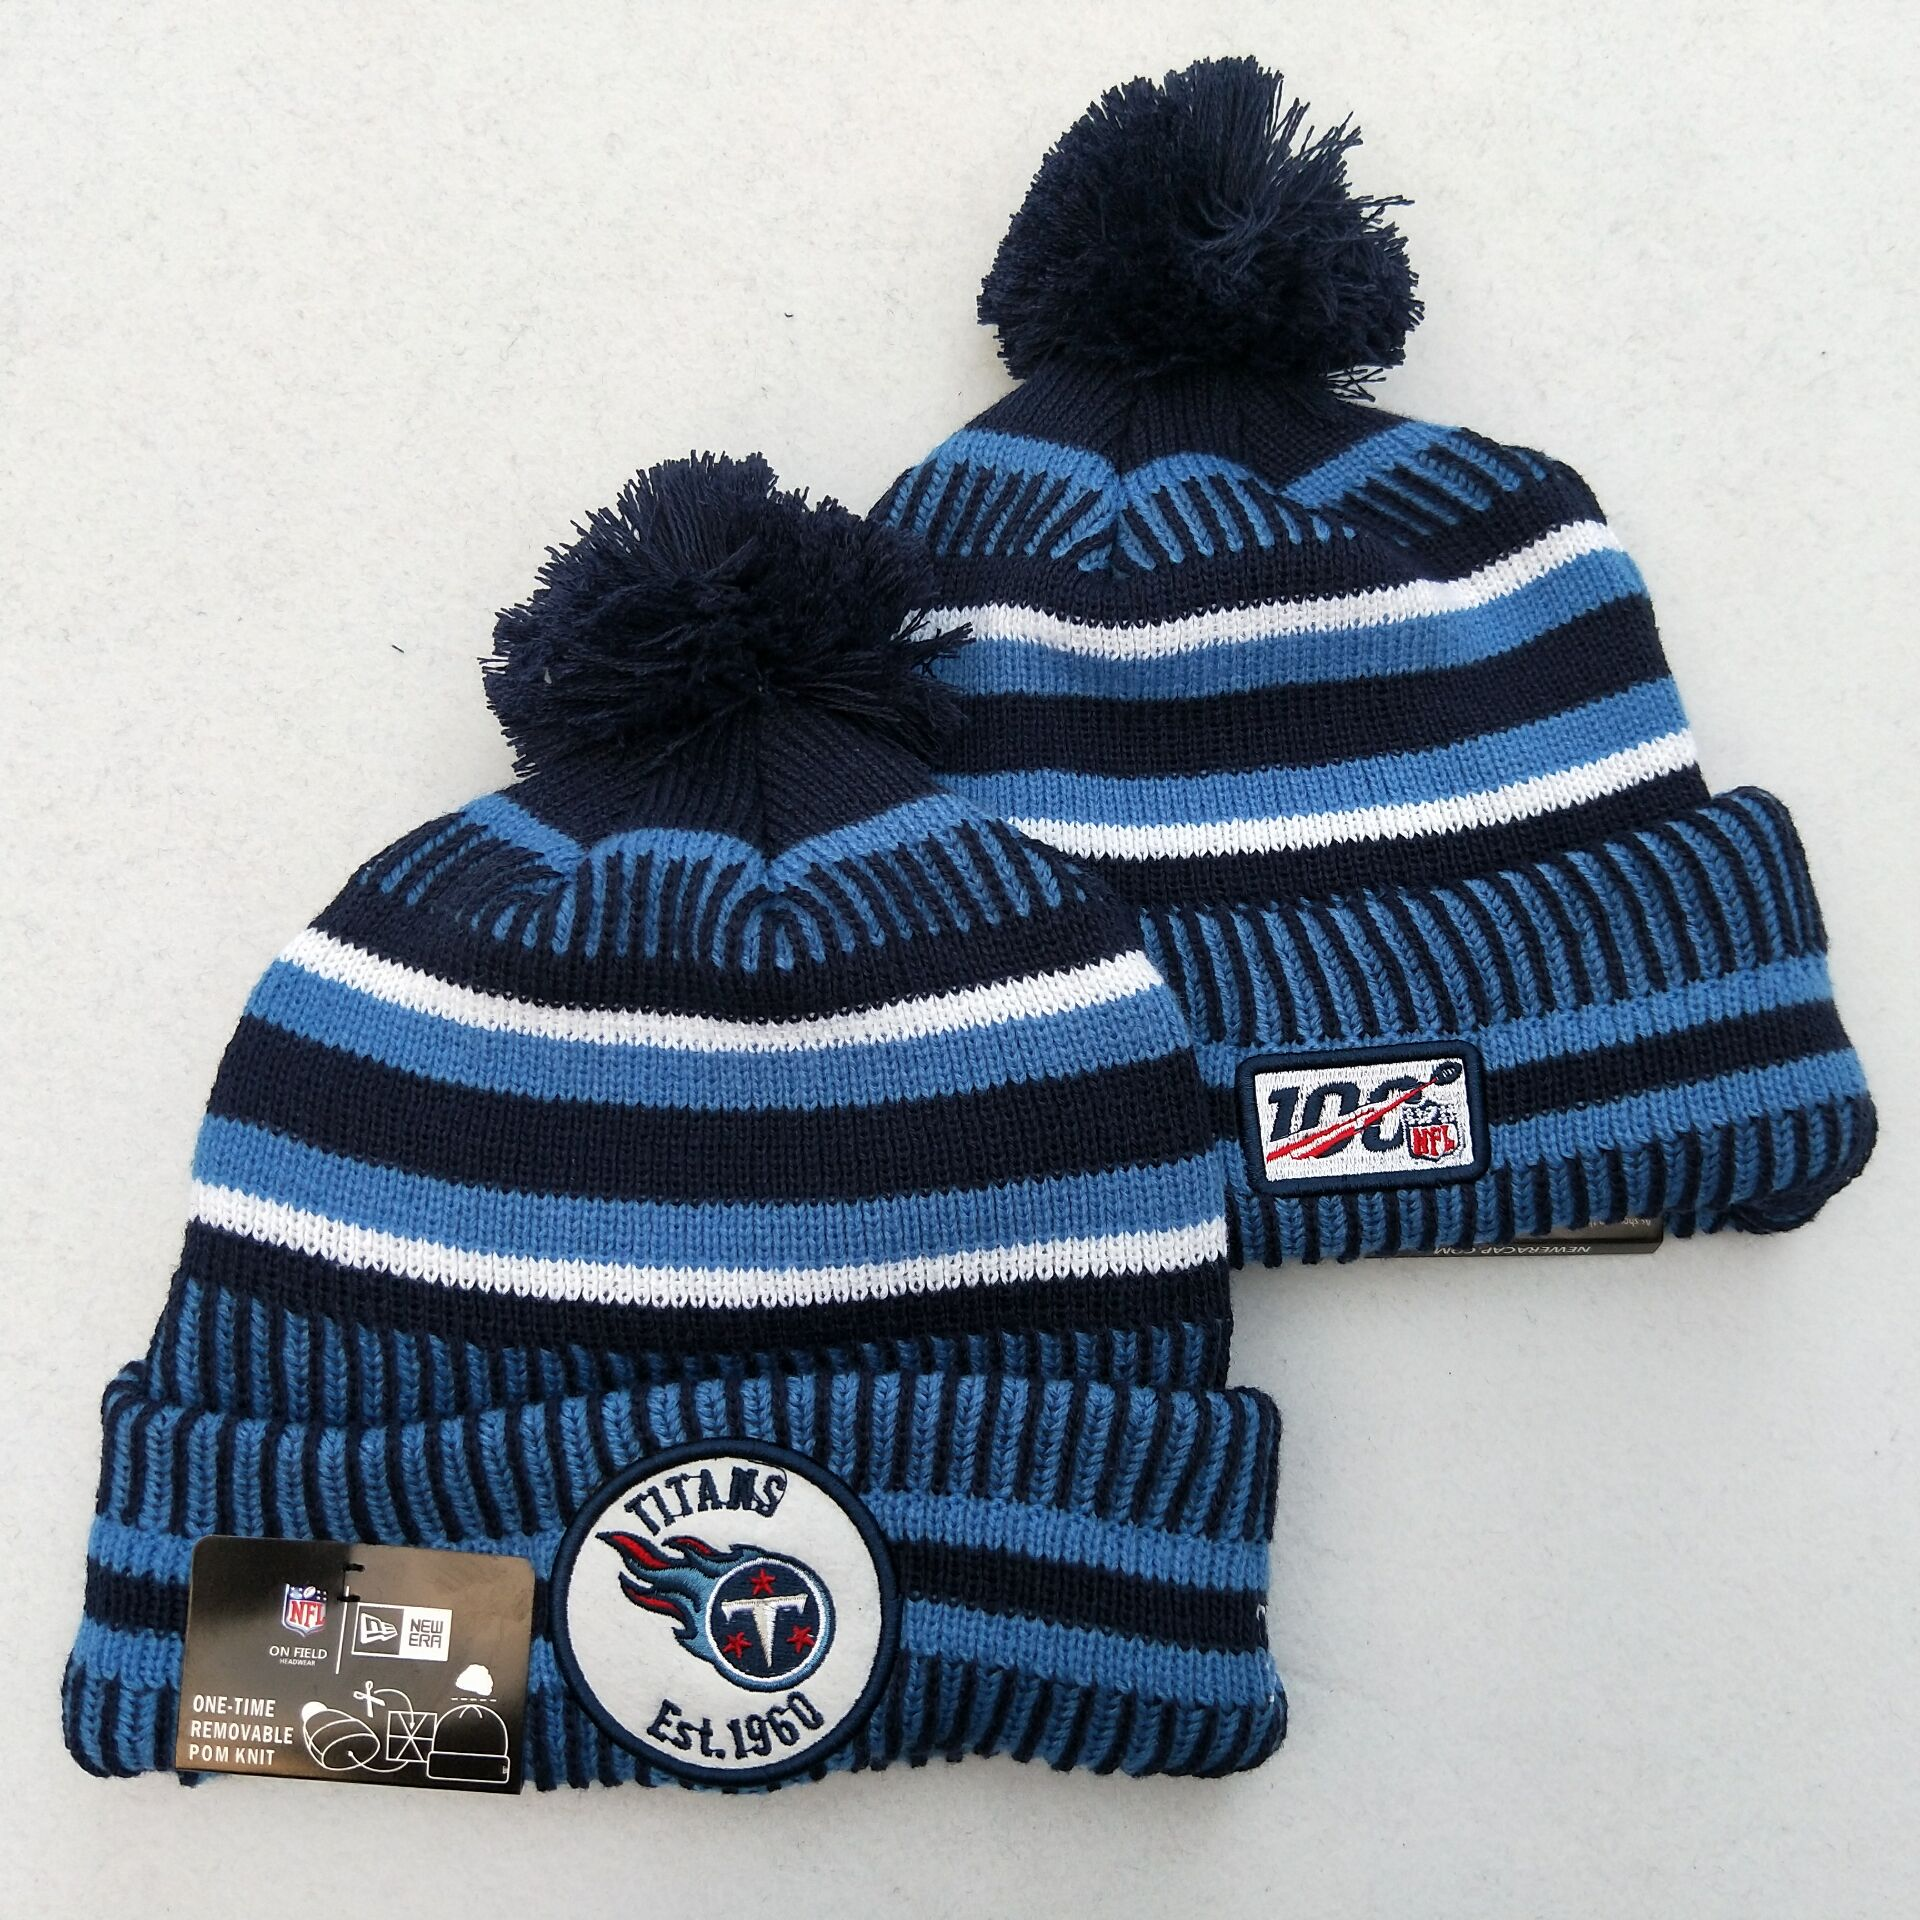 Titans Team Logo Blue 100th Season Pom Knit Hat YD